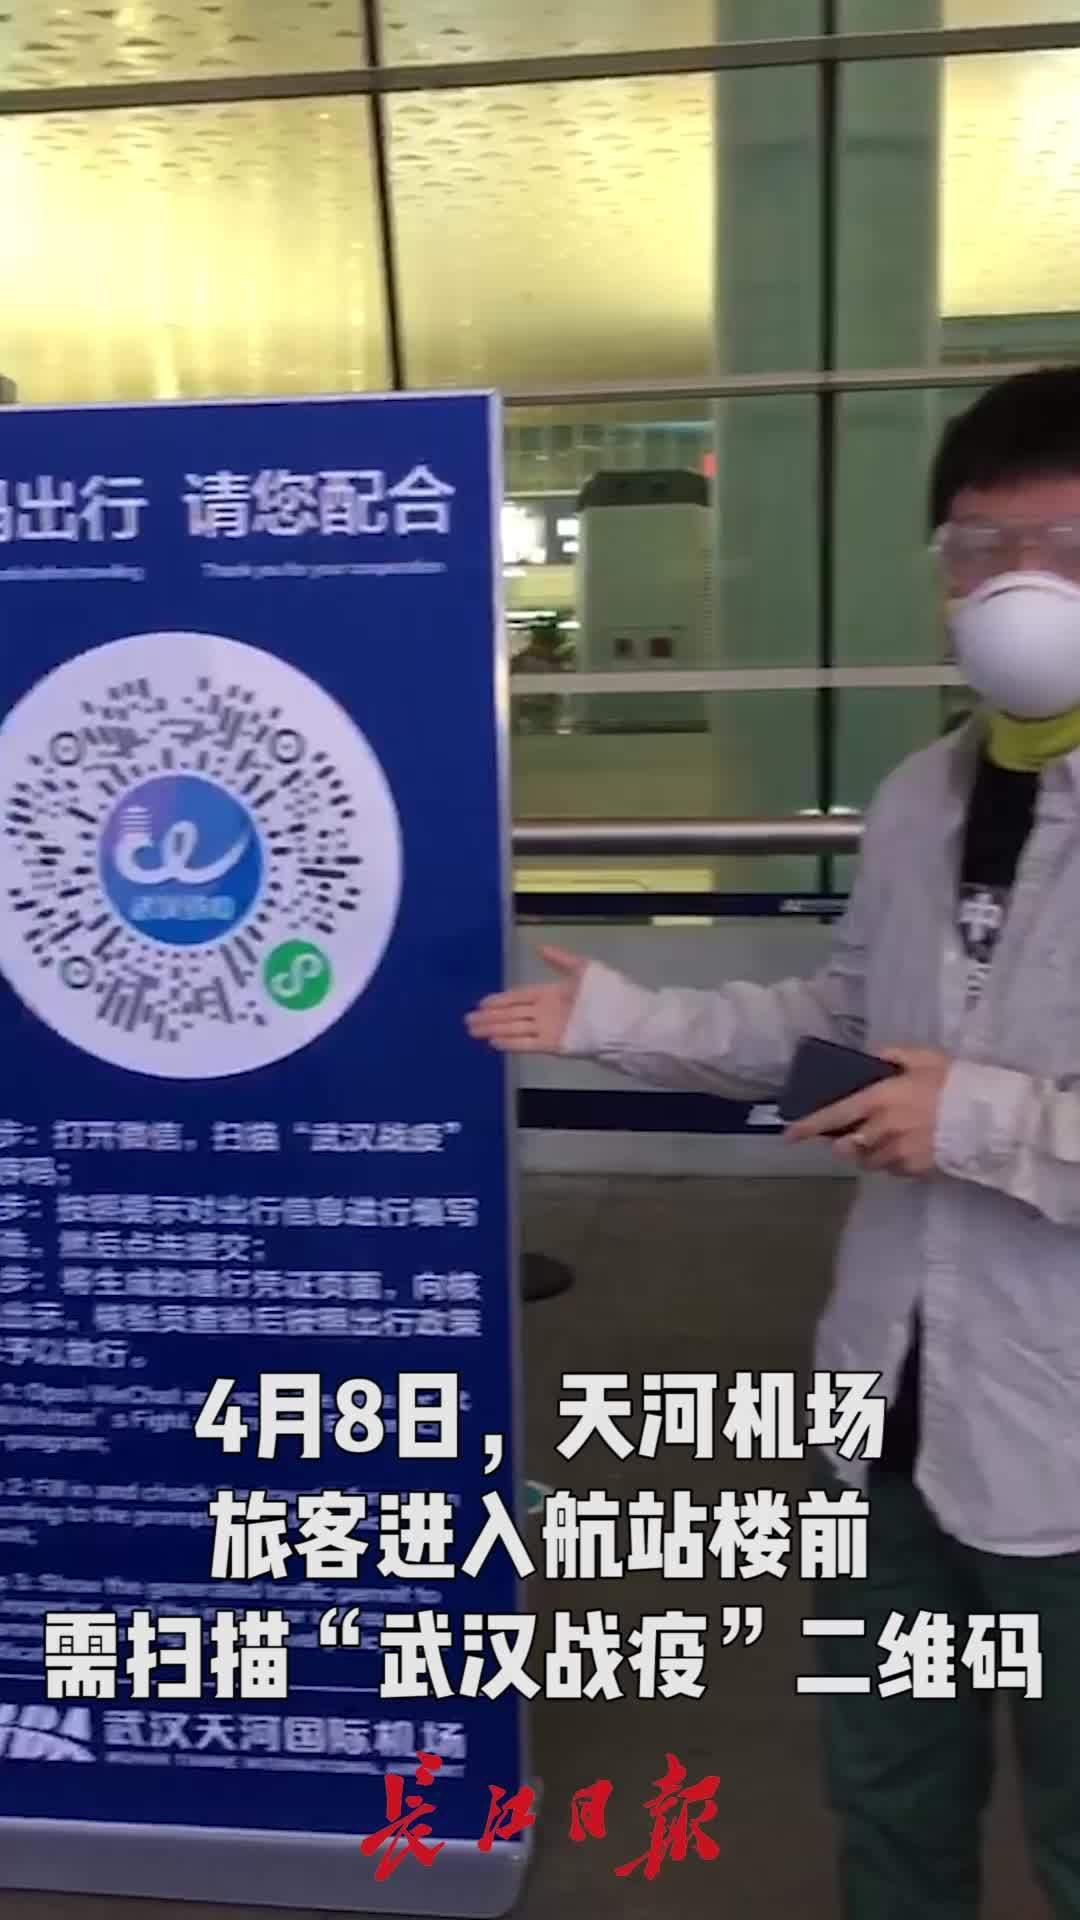 """直击天河机场:进入需扫""""武汉战疫""""二维码……"""